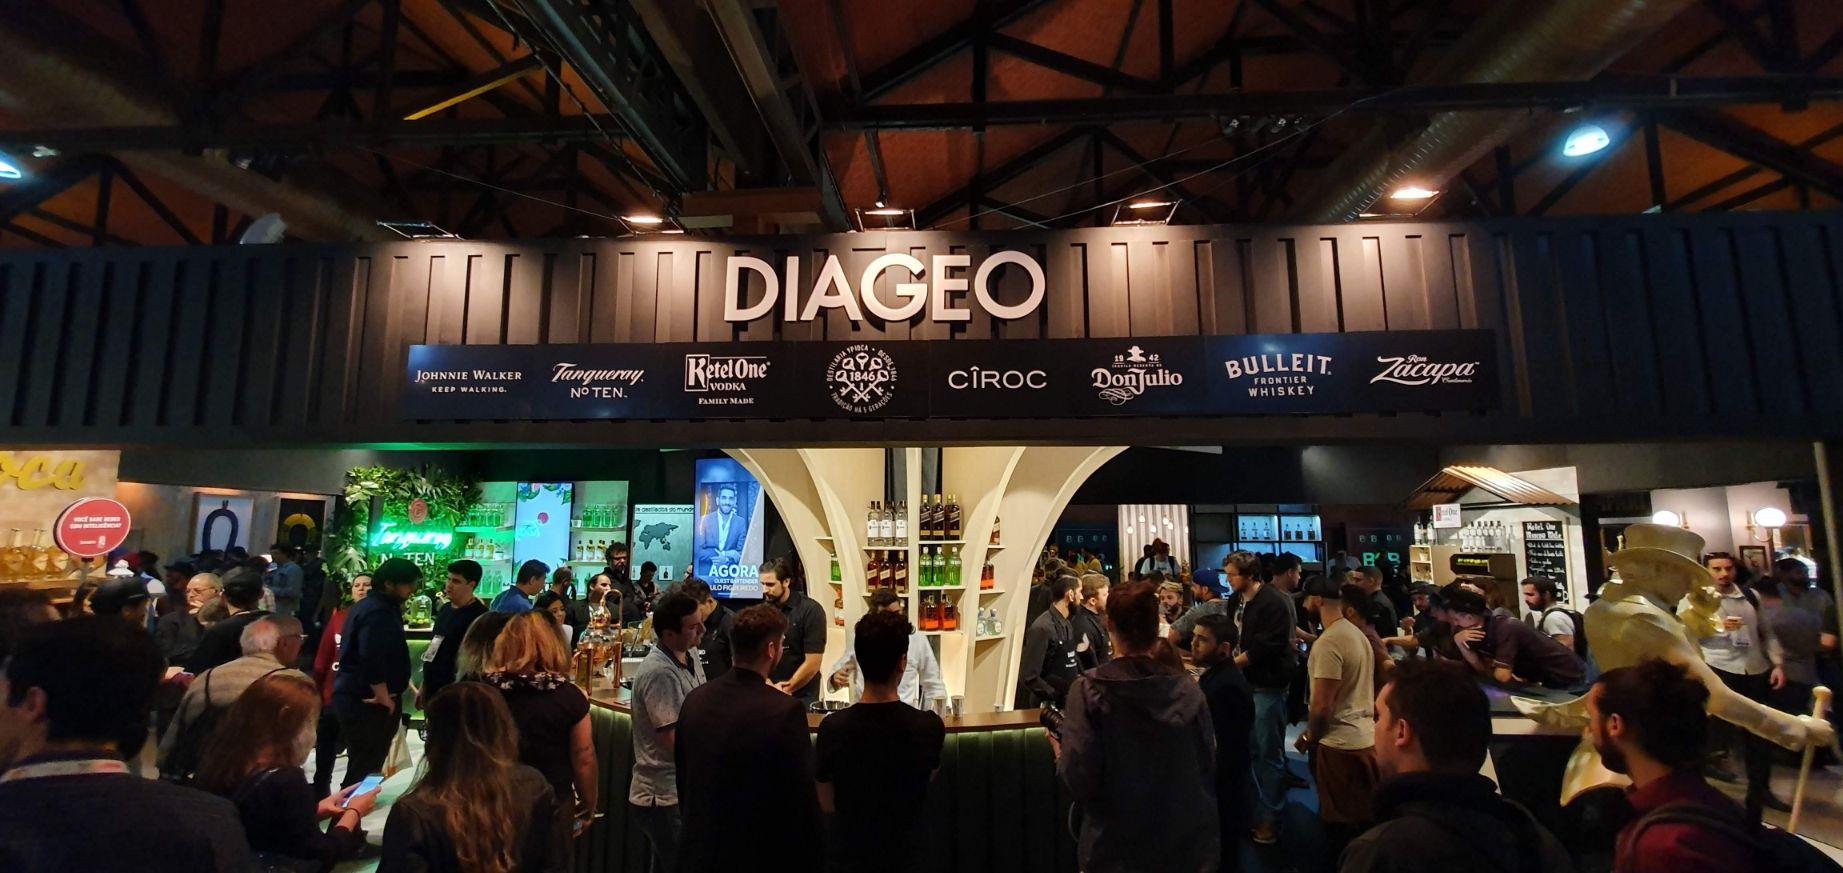 Bar Convent São Paulo 2019 - Diageo